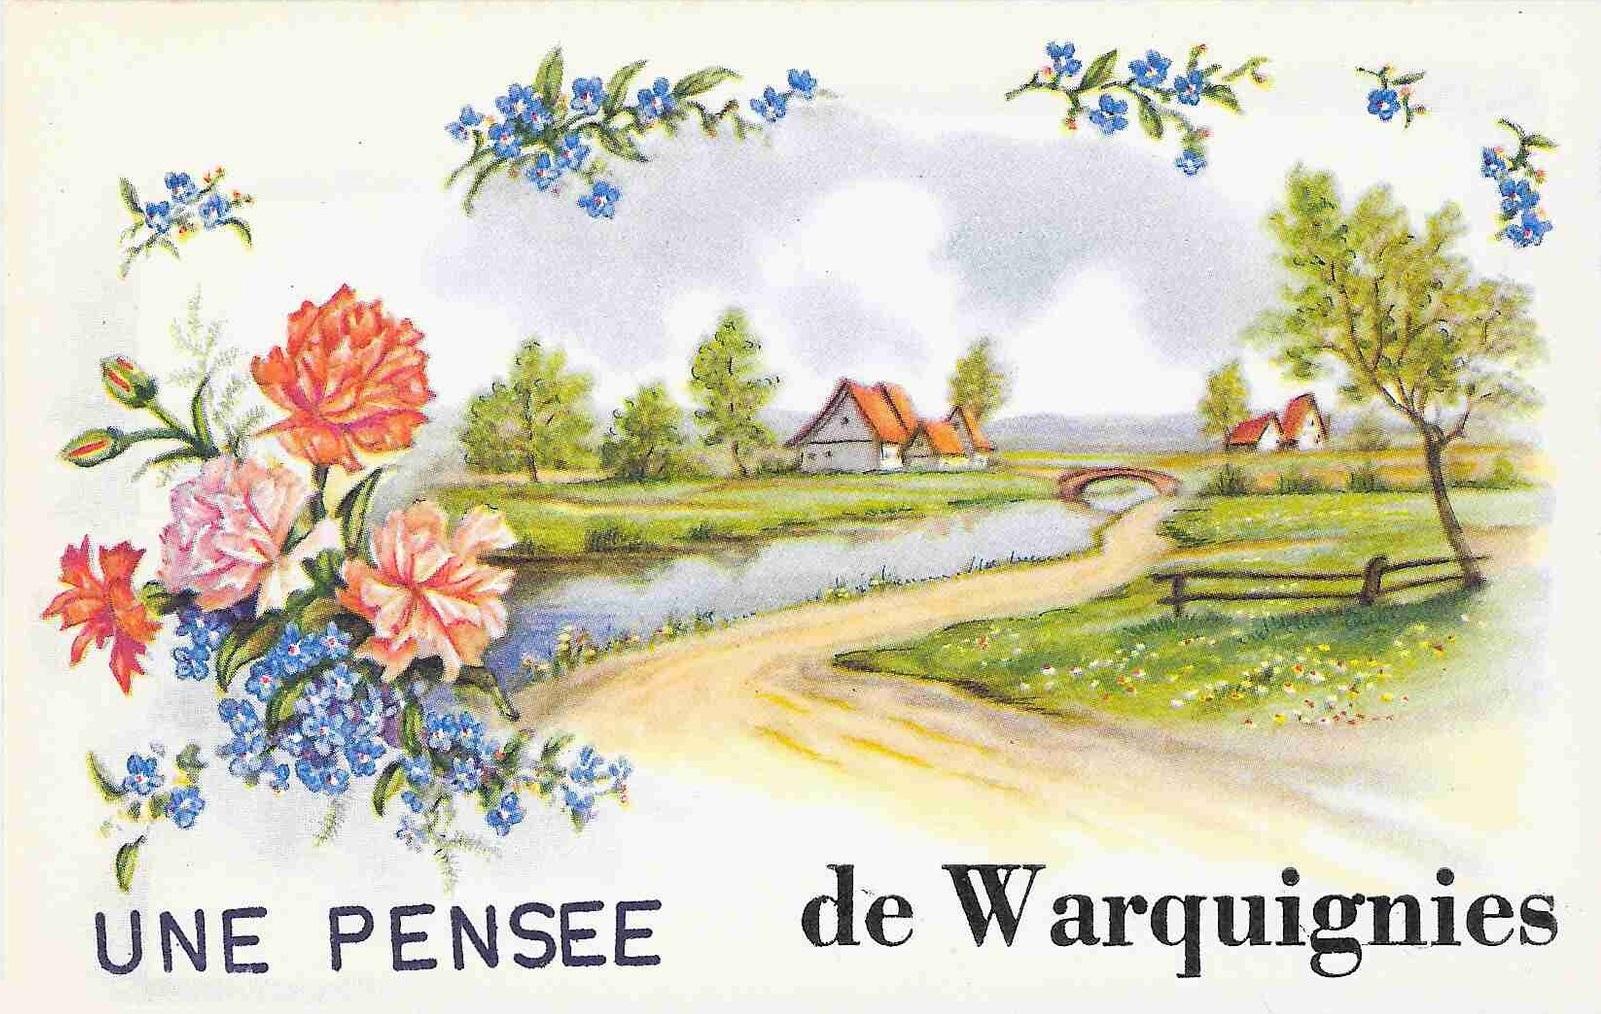 Cartes souvenirs de Warquignies (2)